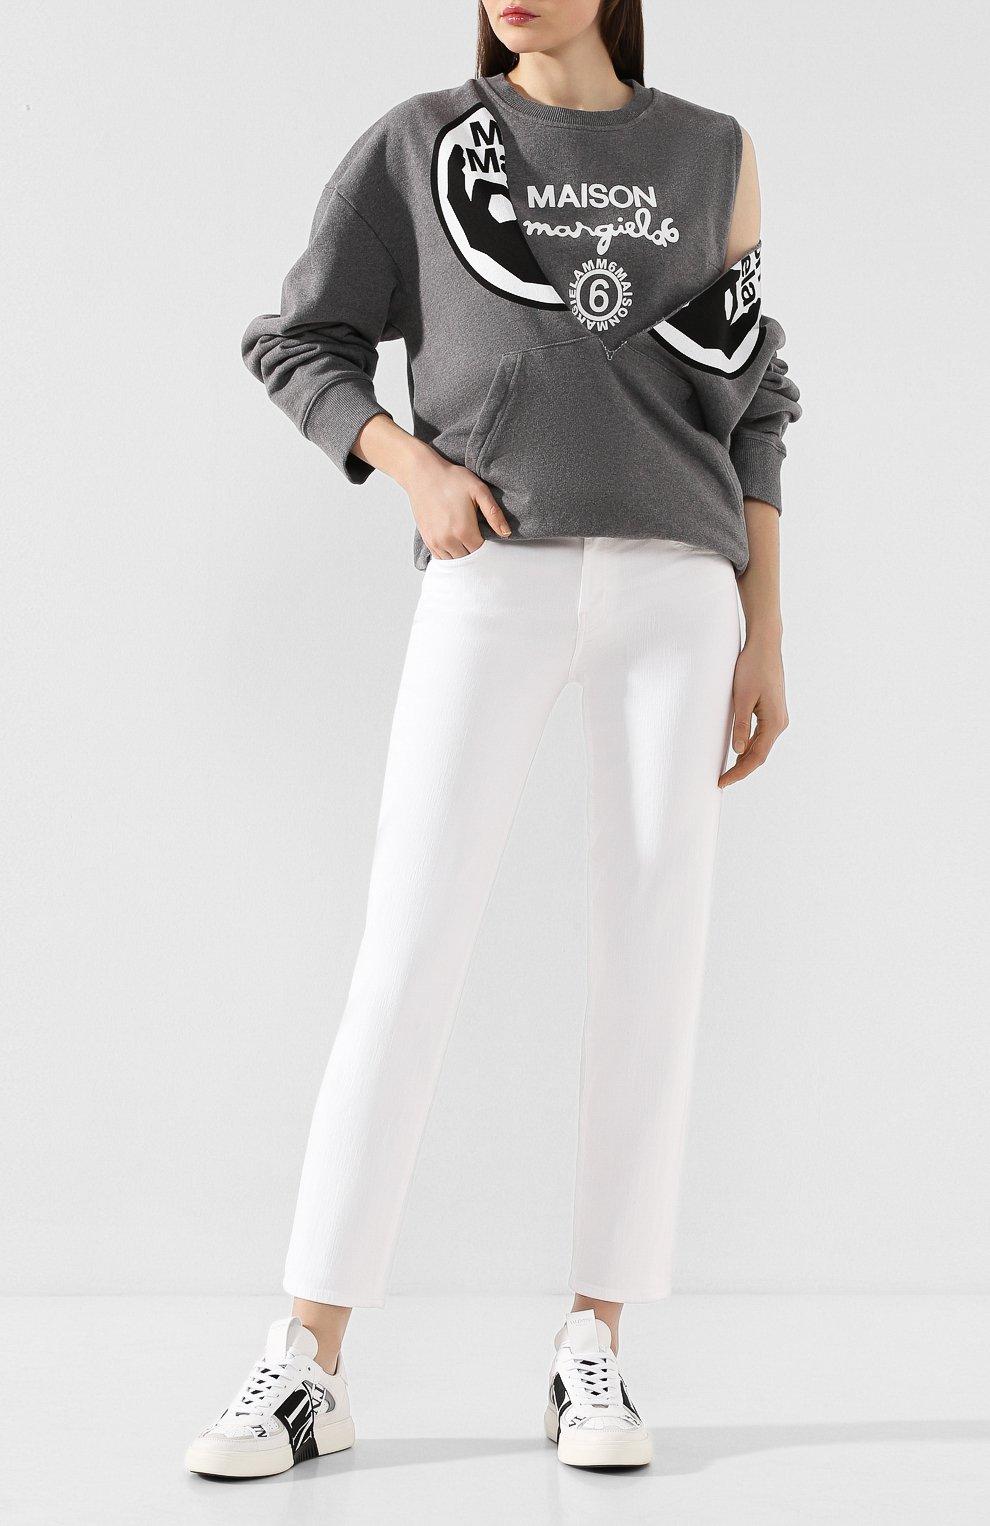 Женские джинсы J BRAND белого цвета, арт. JB002692   Фото 2 (Кросс-КТ: Деним; Длина (брюки, джинсы): Стандартные; Материал внешний: Хлопок, Деним; Стили: Кэжуэл; Статус проверки: Проверена категория)